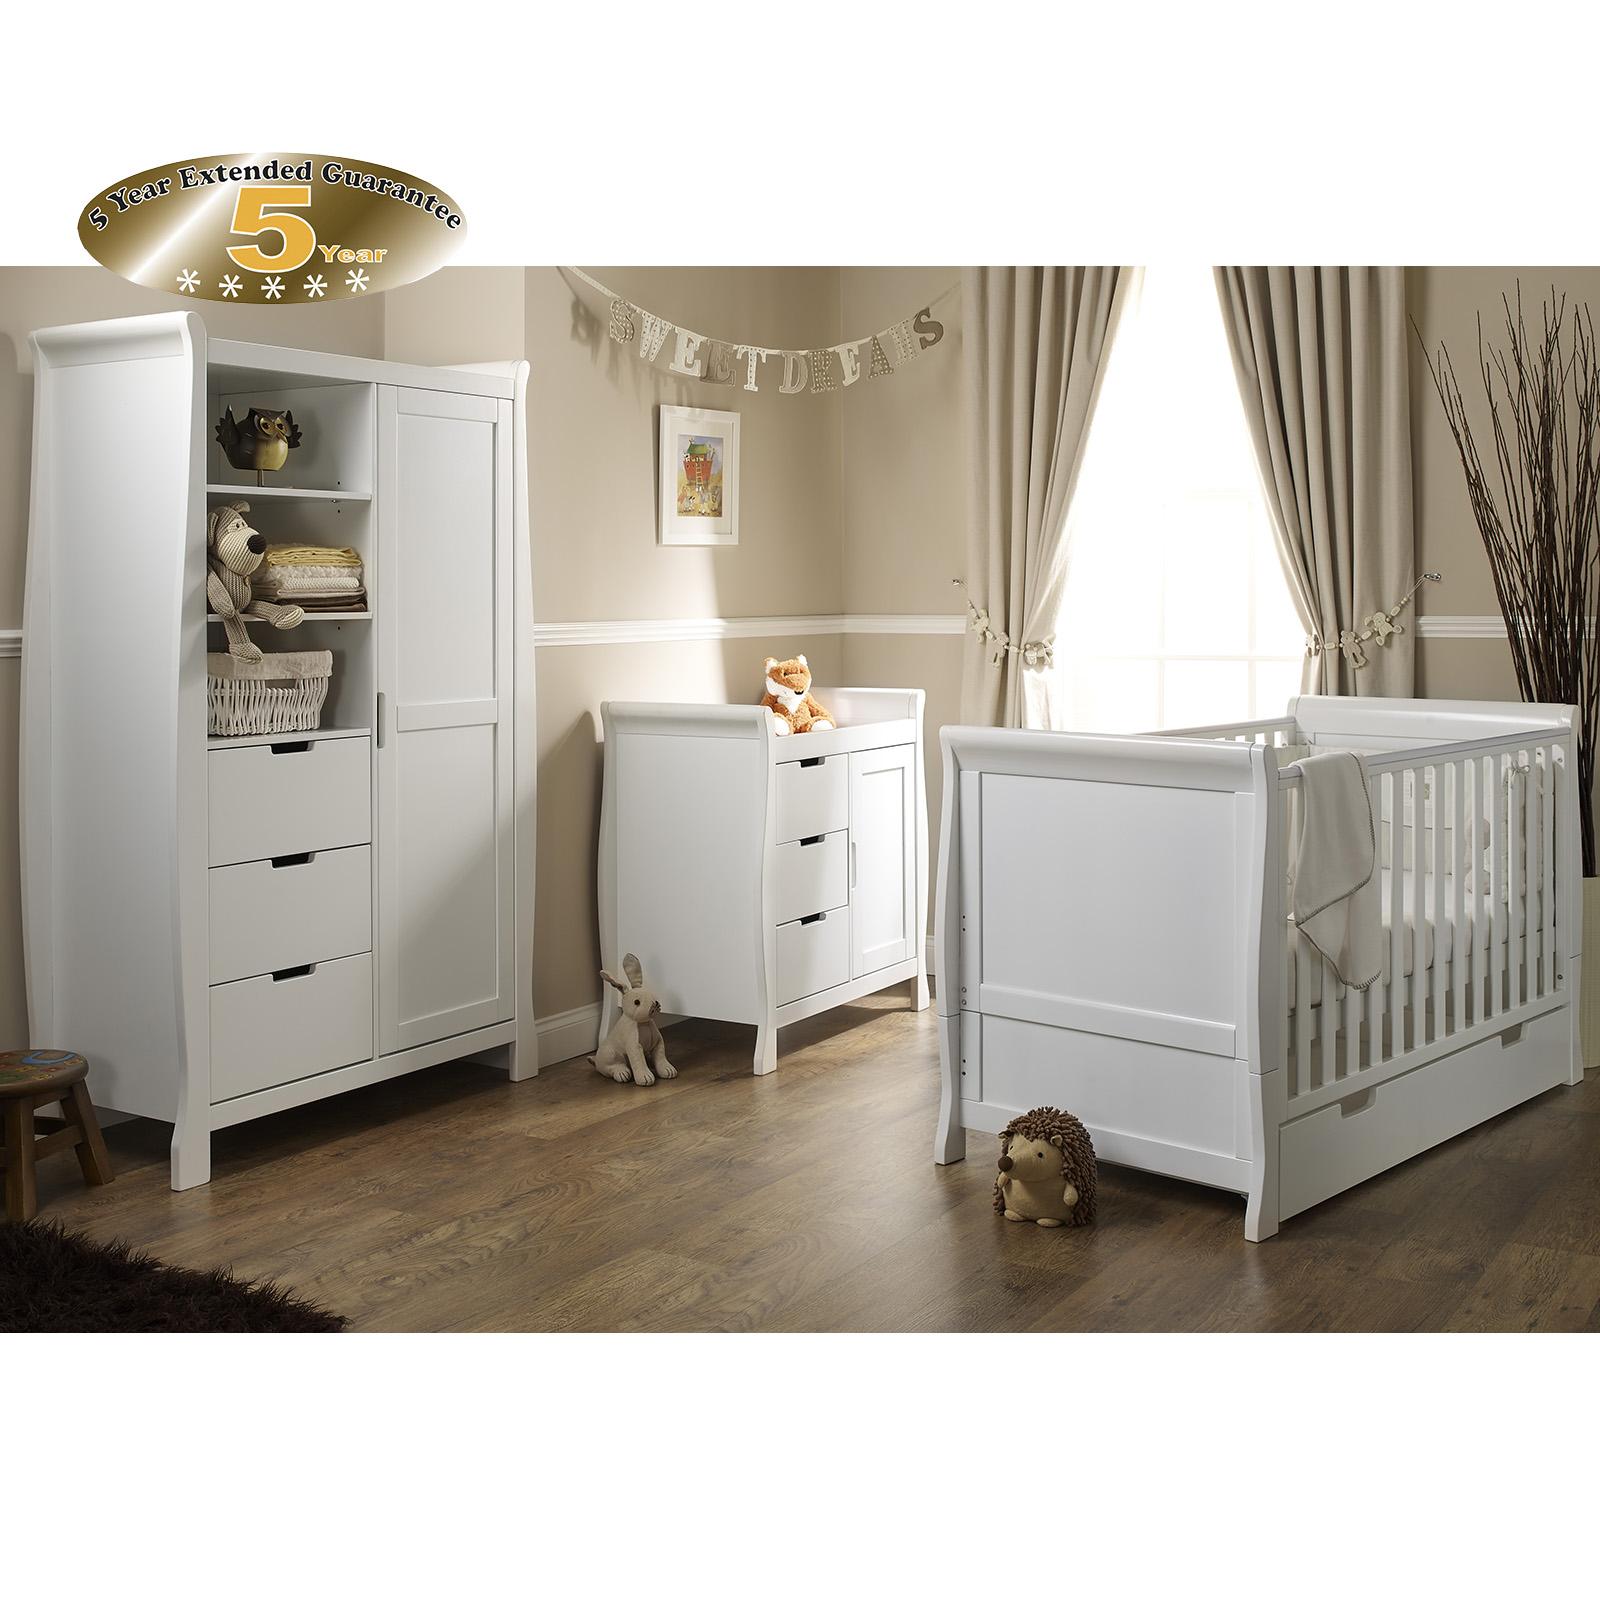 Obaby Stamford Clic Sleigh 3 Piece Room Set White